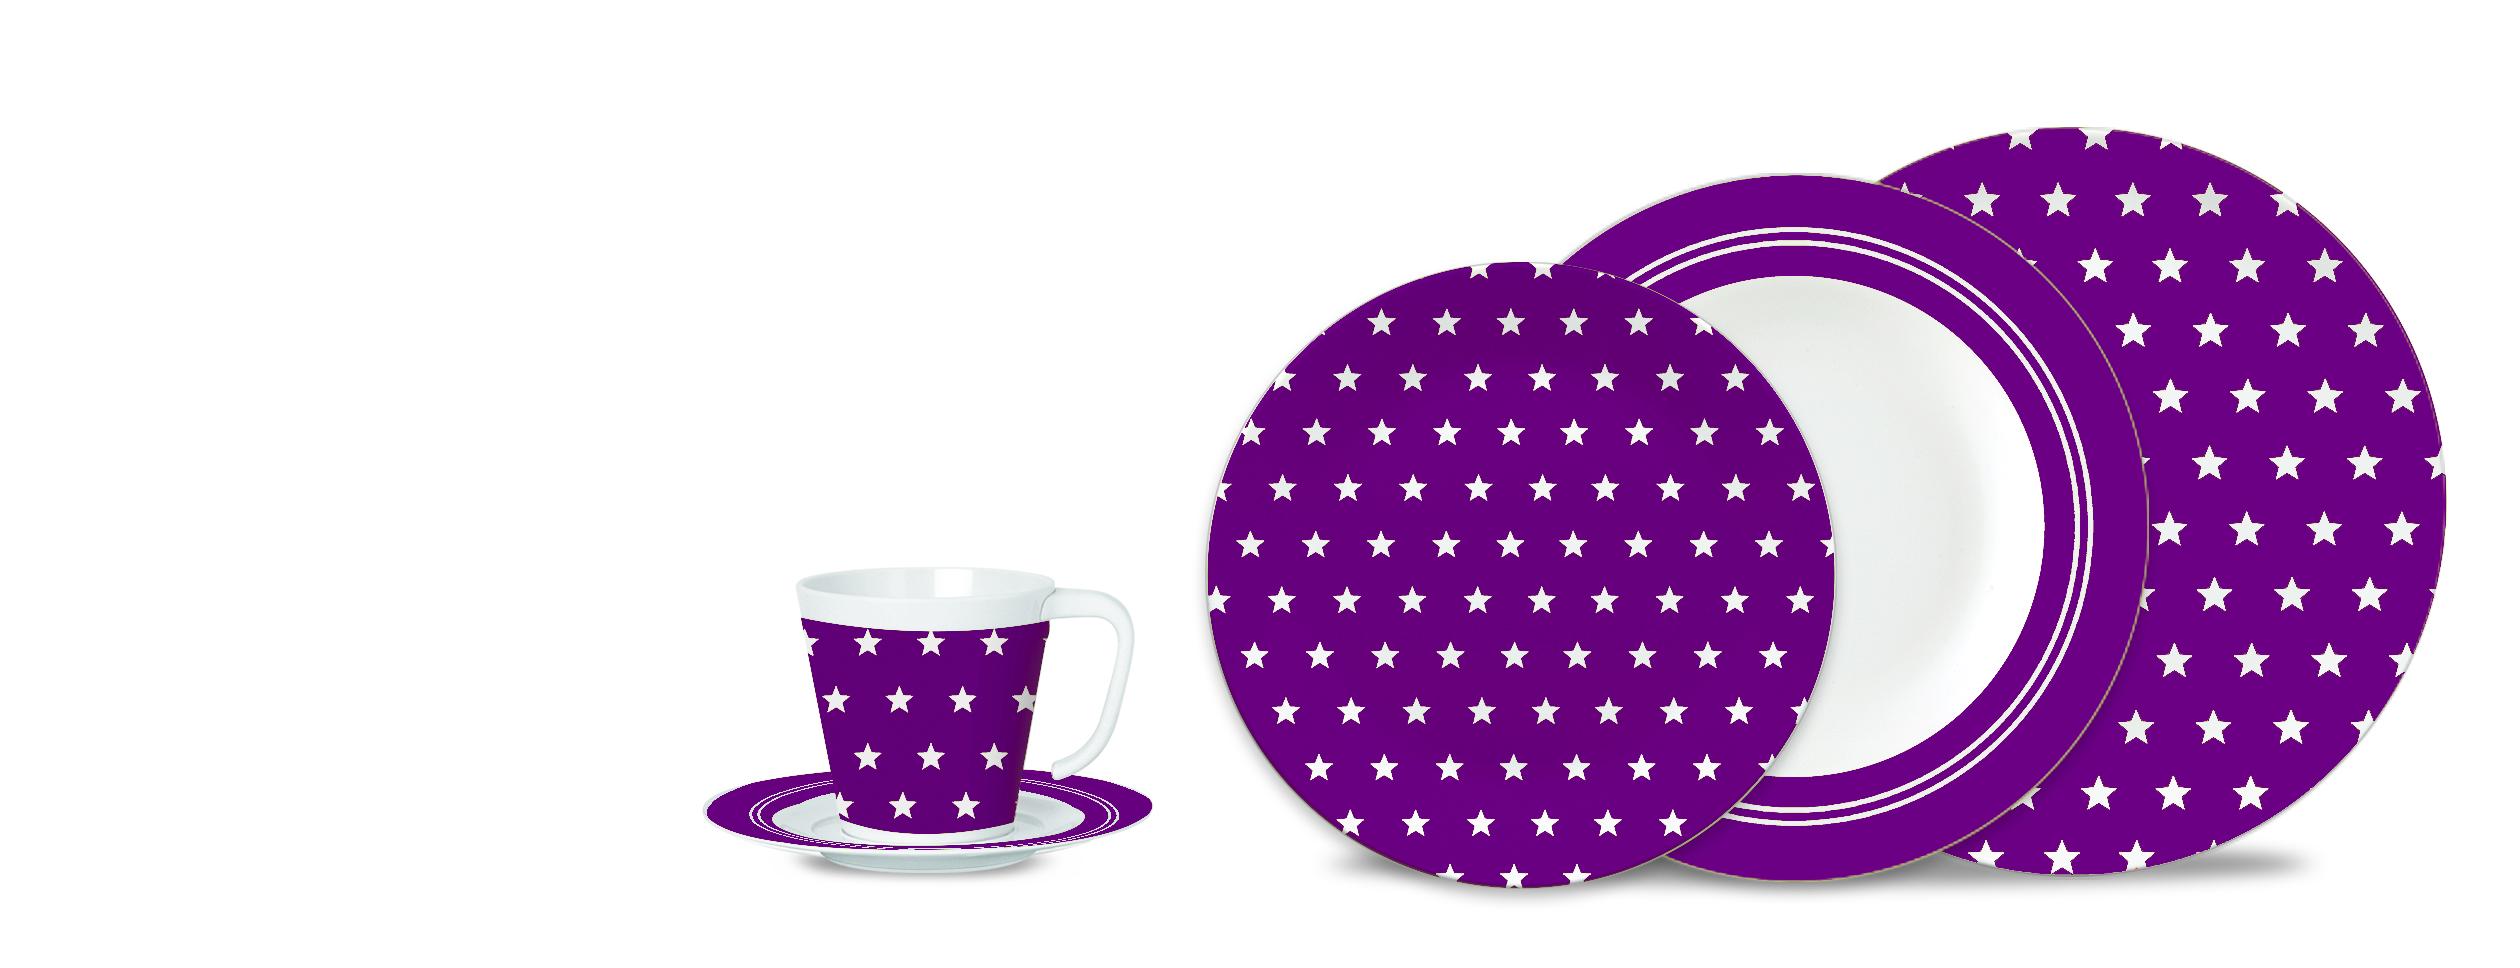 summerst-violet